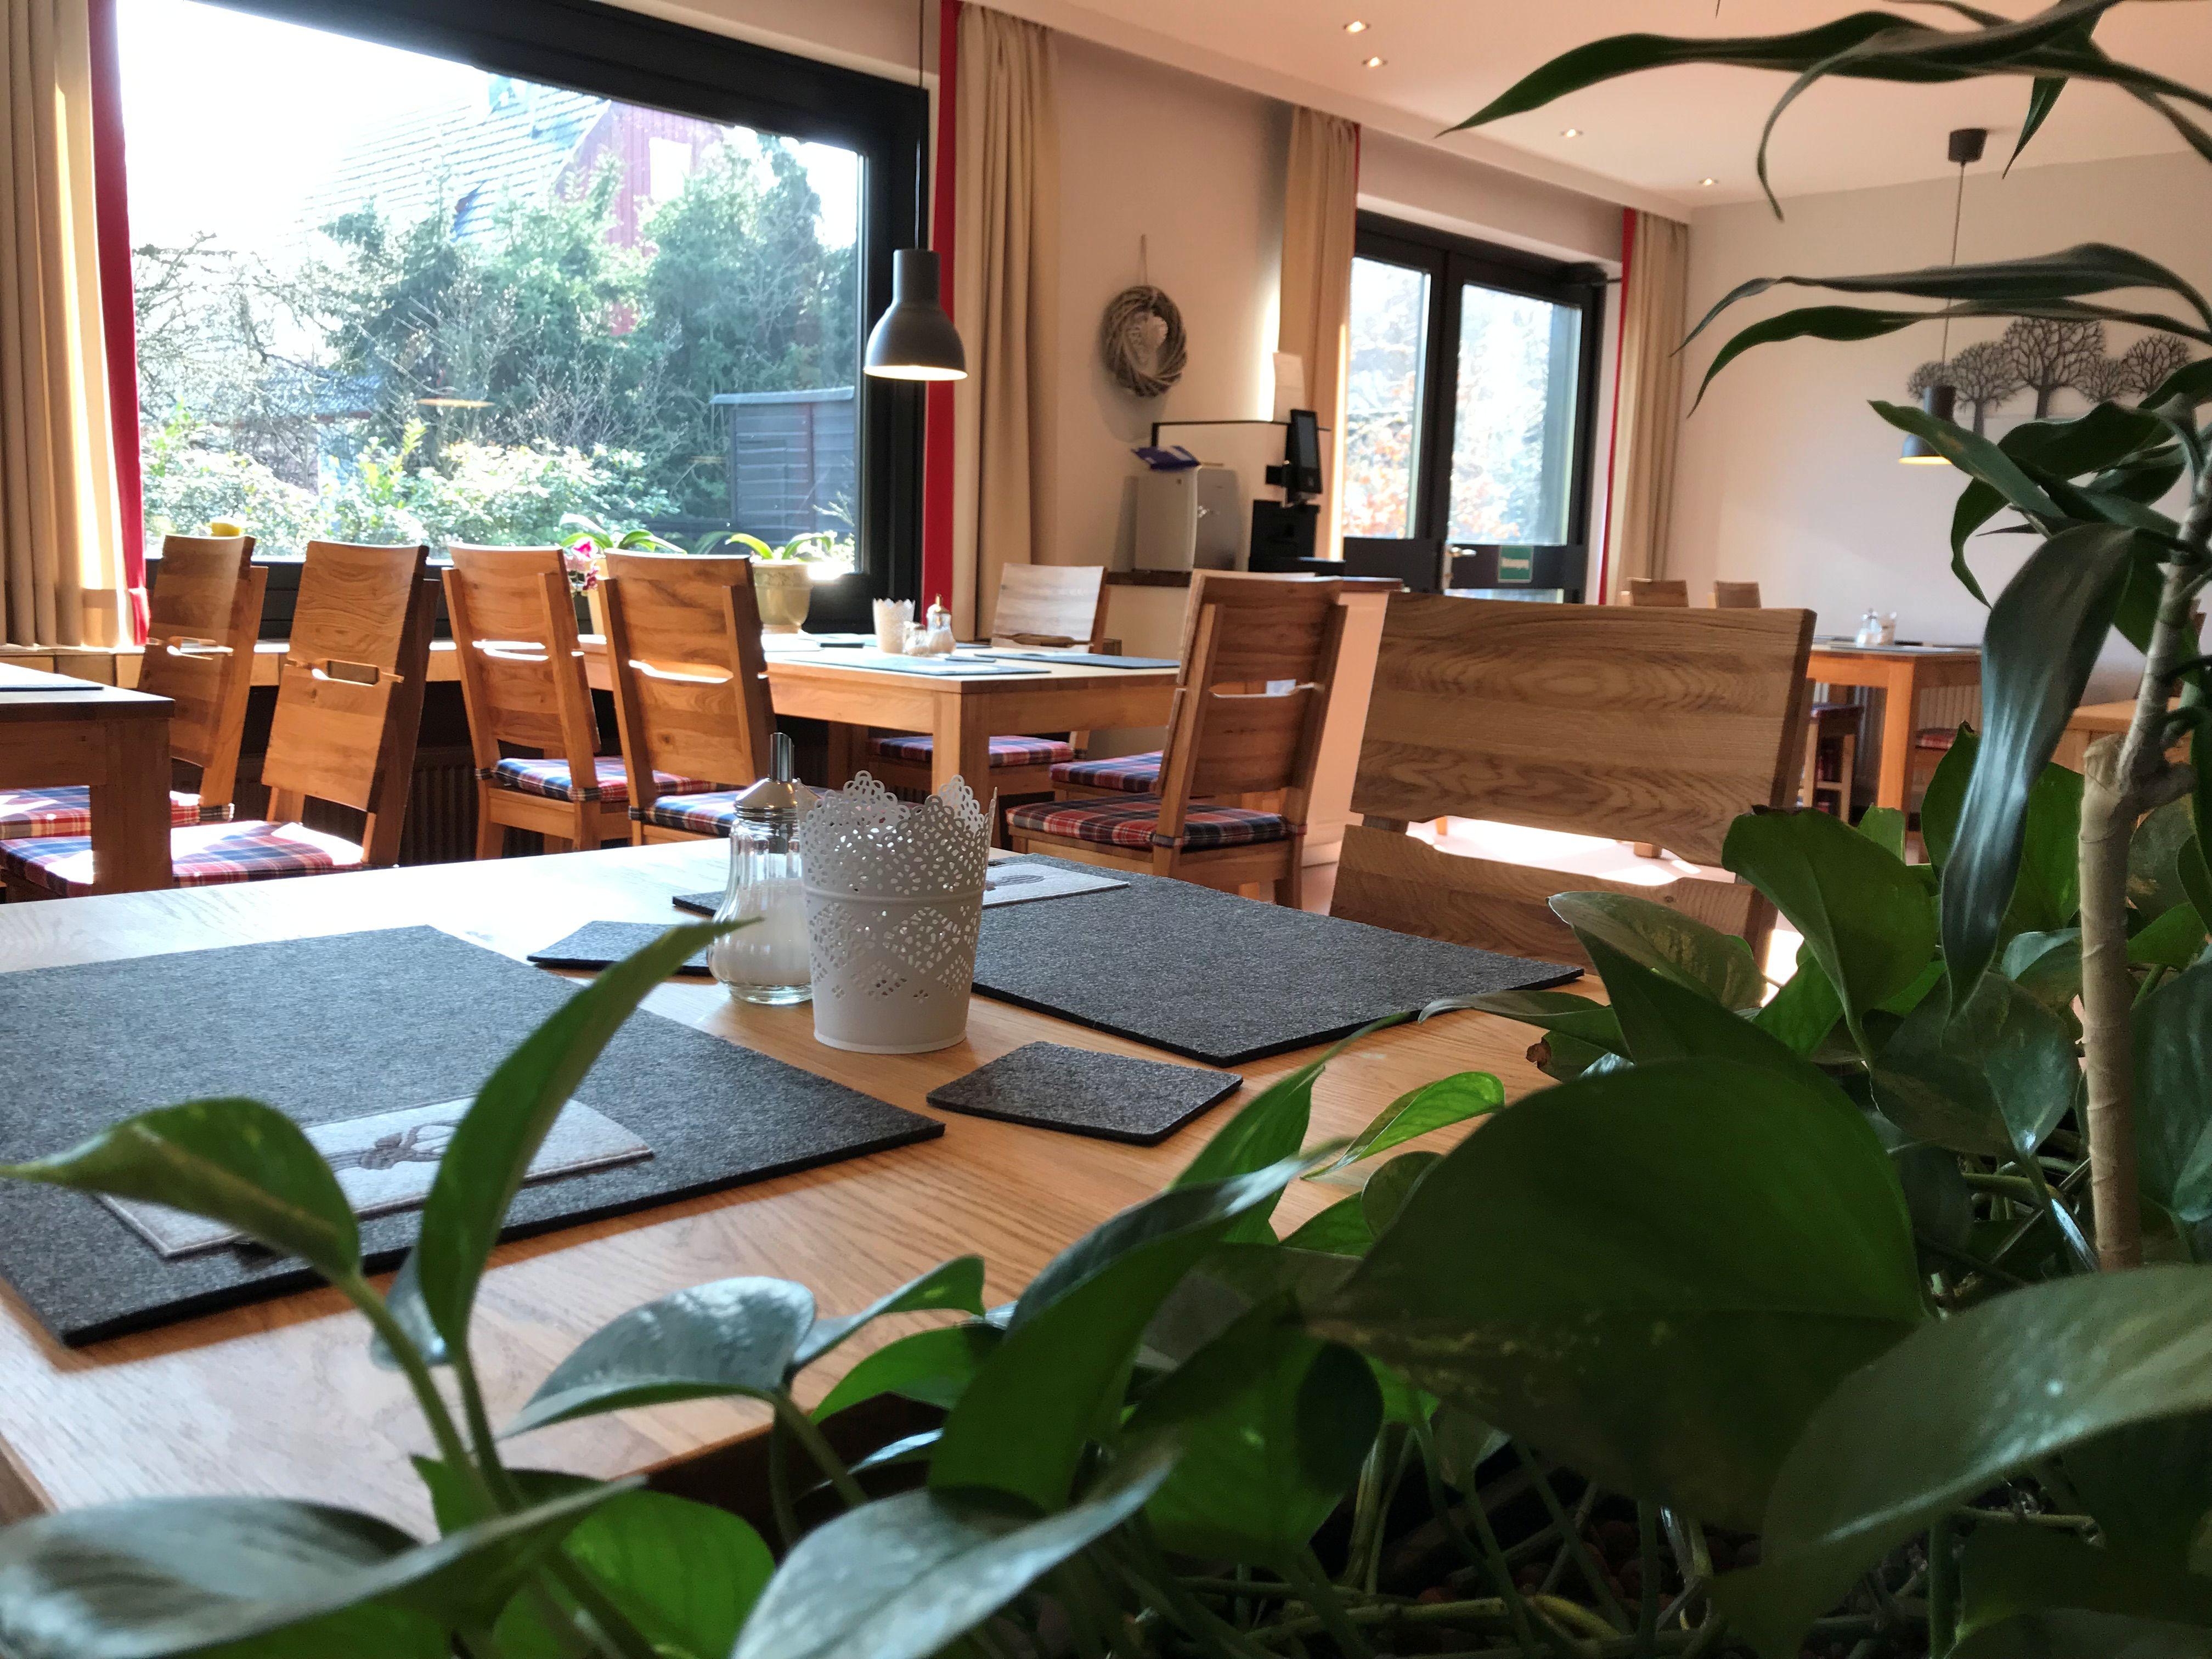 Haus am Hochwald in Hahnenklee - Restaurant